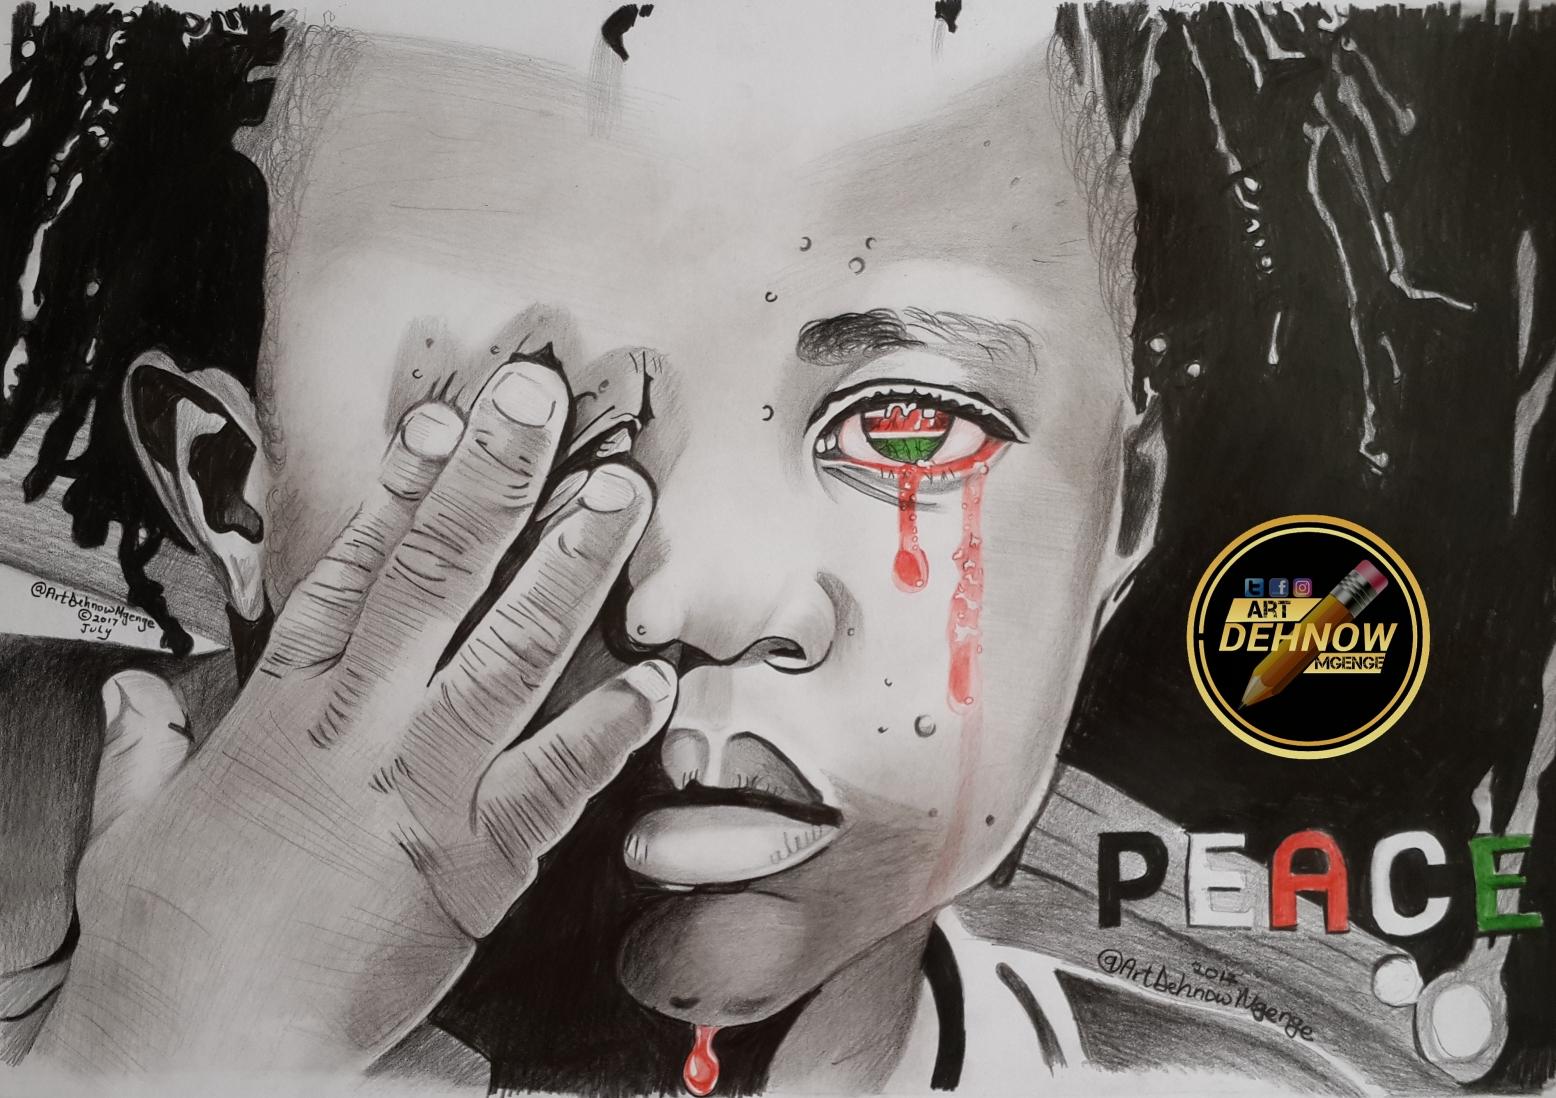 Art Dehnow Mgenge